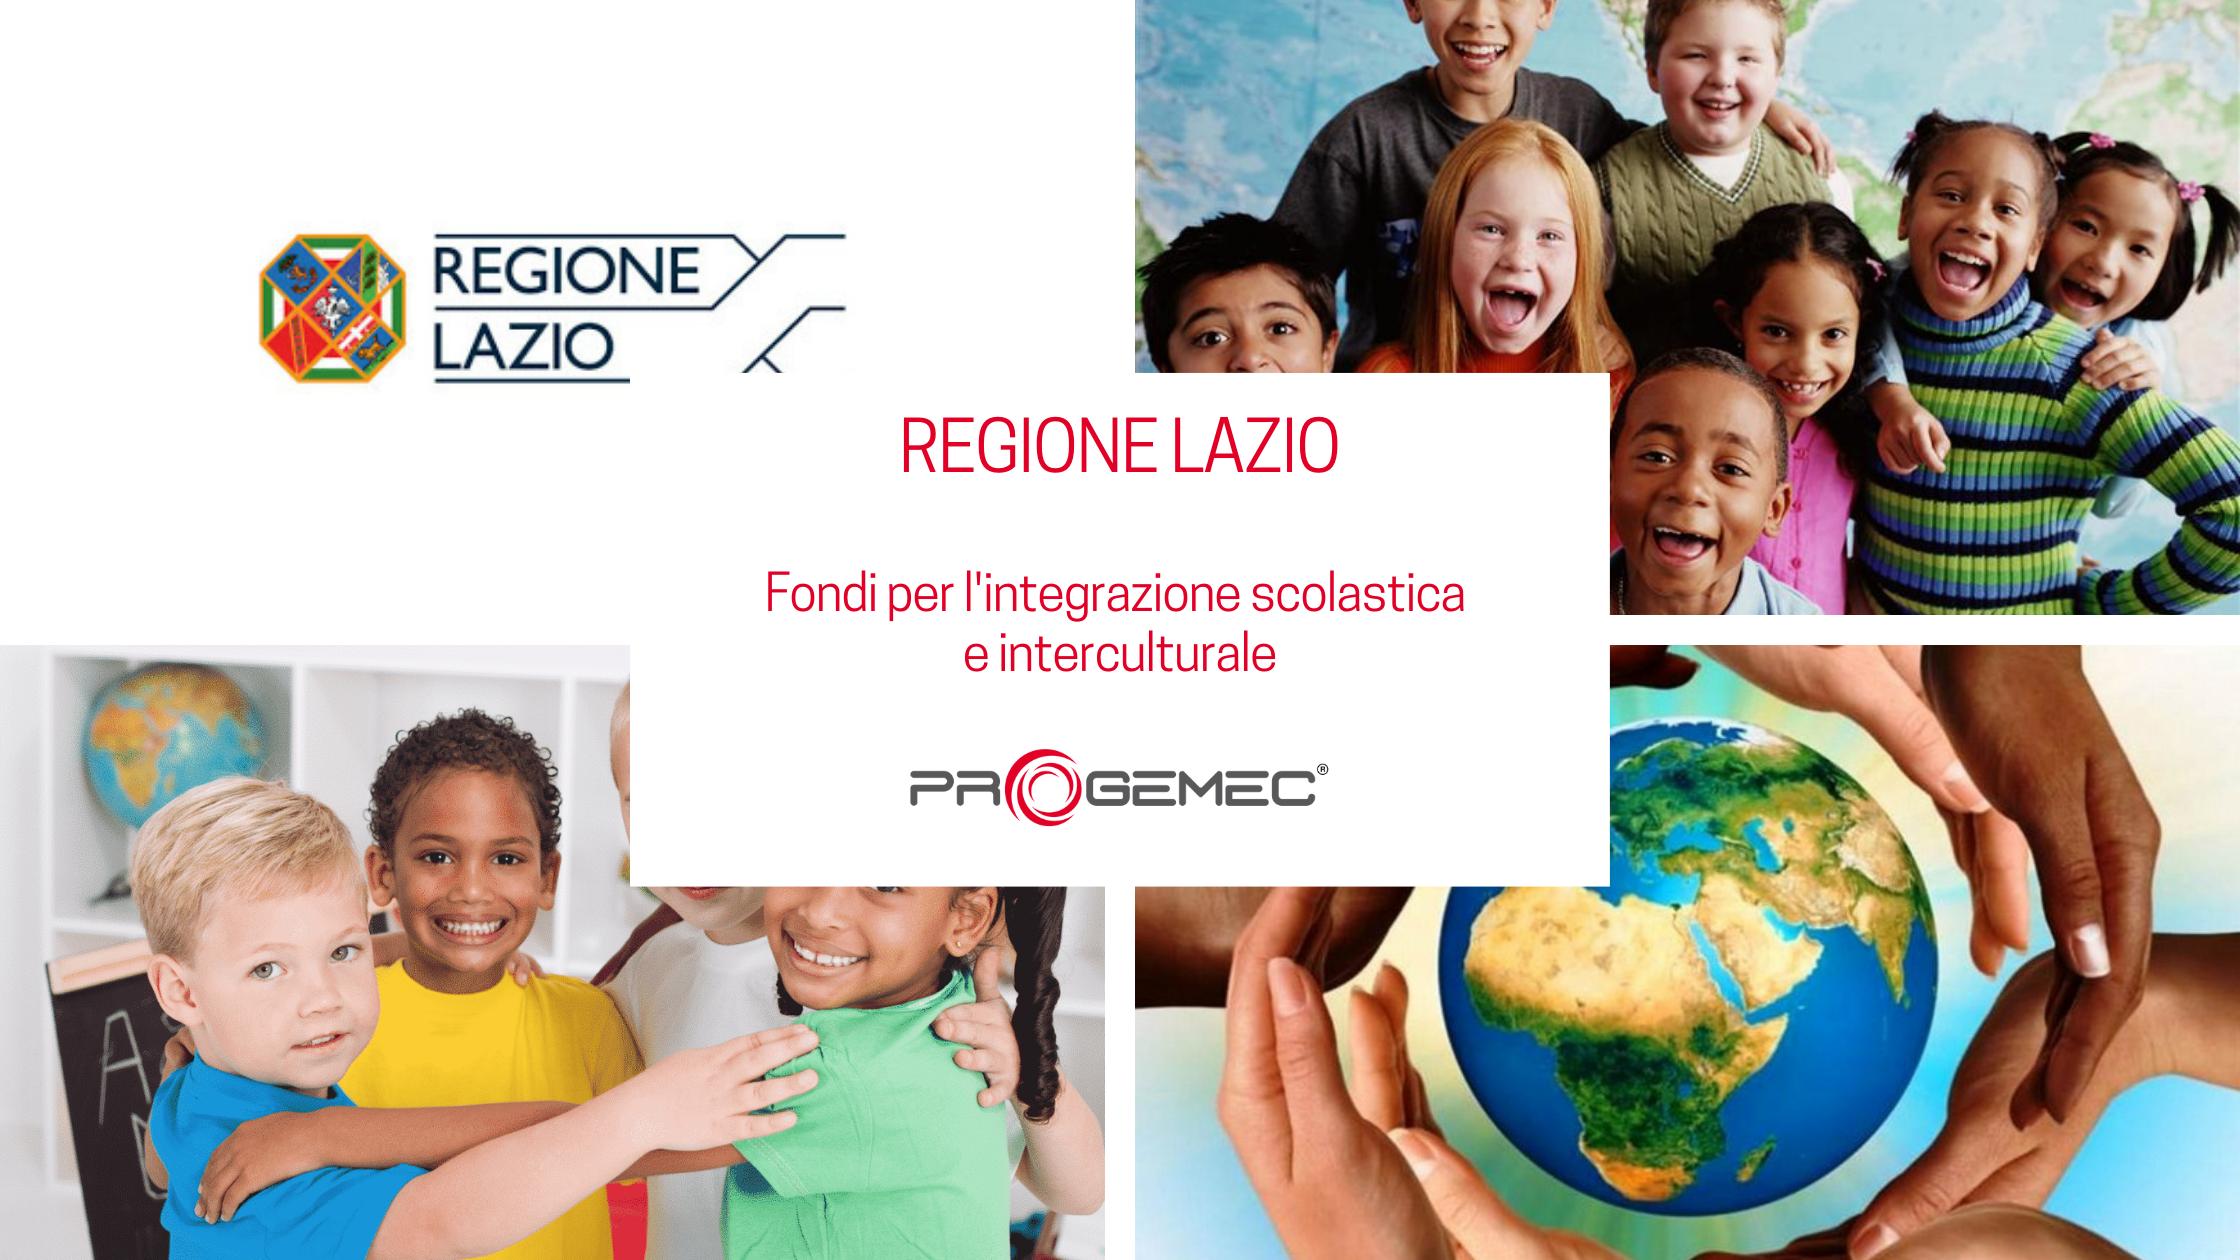 Integrazione scolastica e interculturale